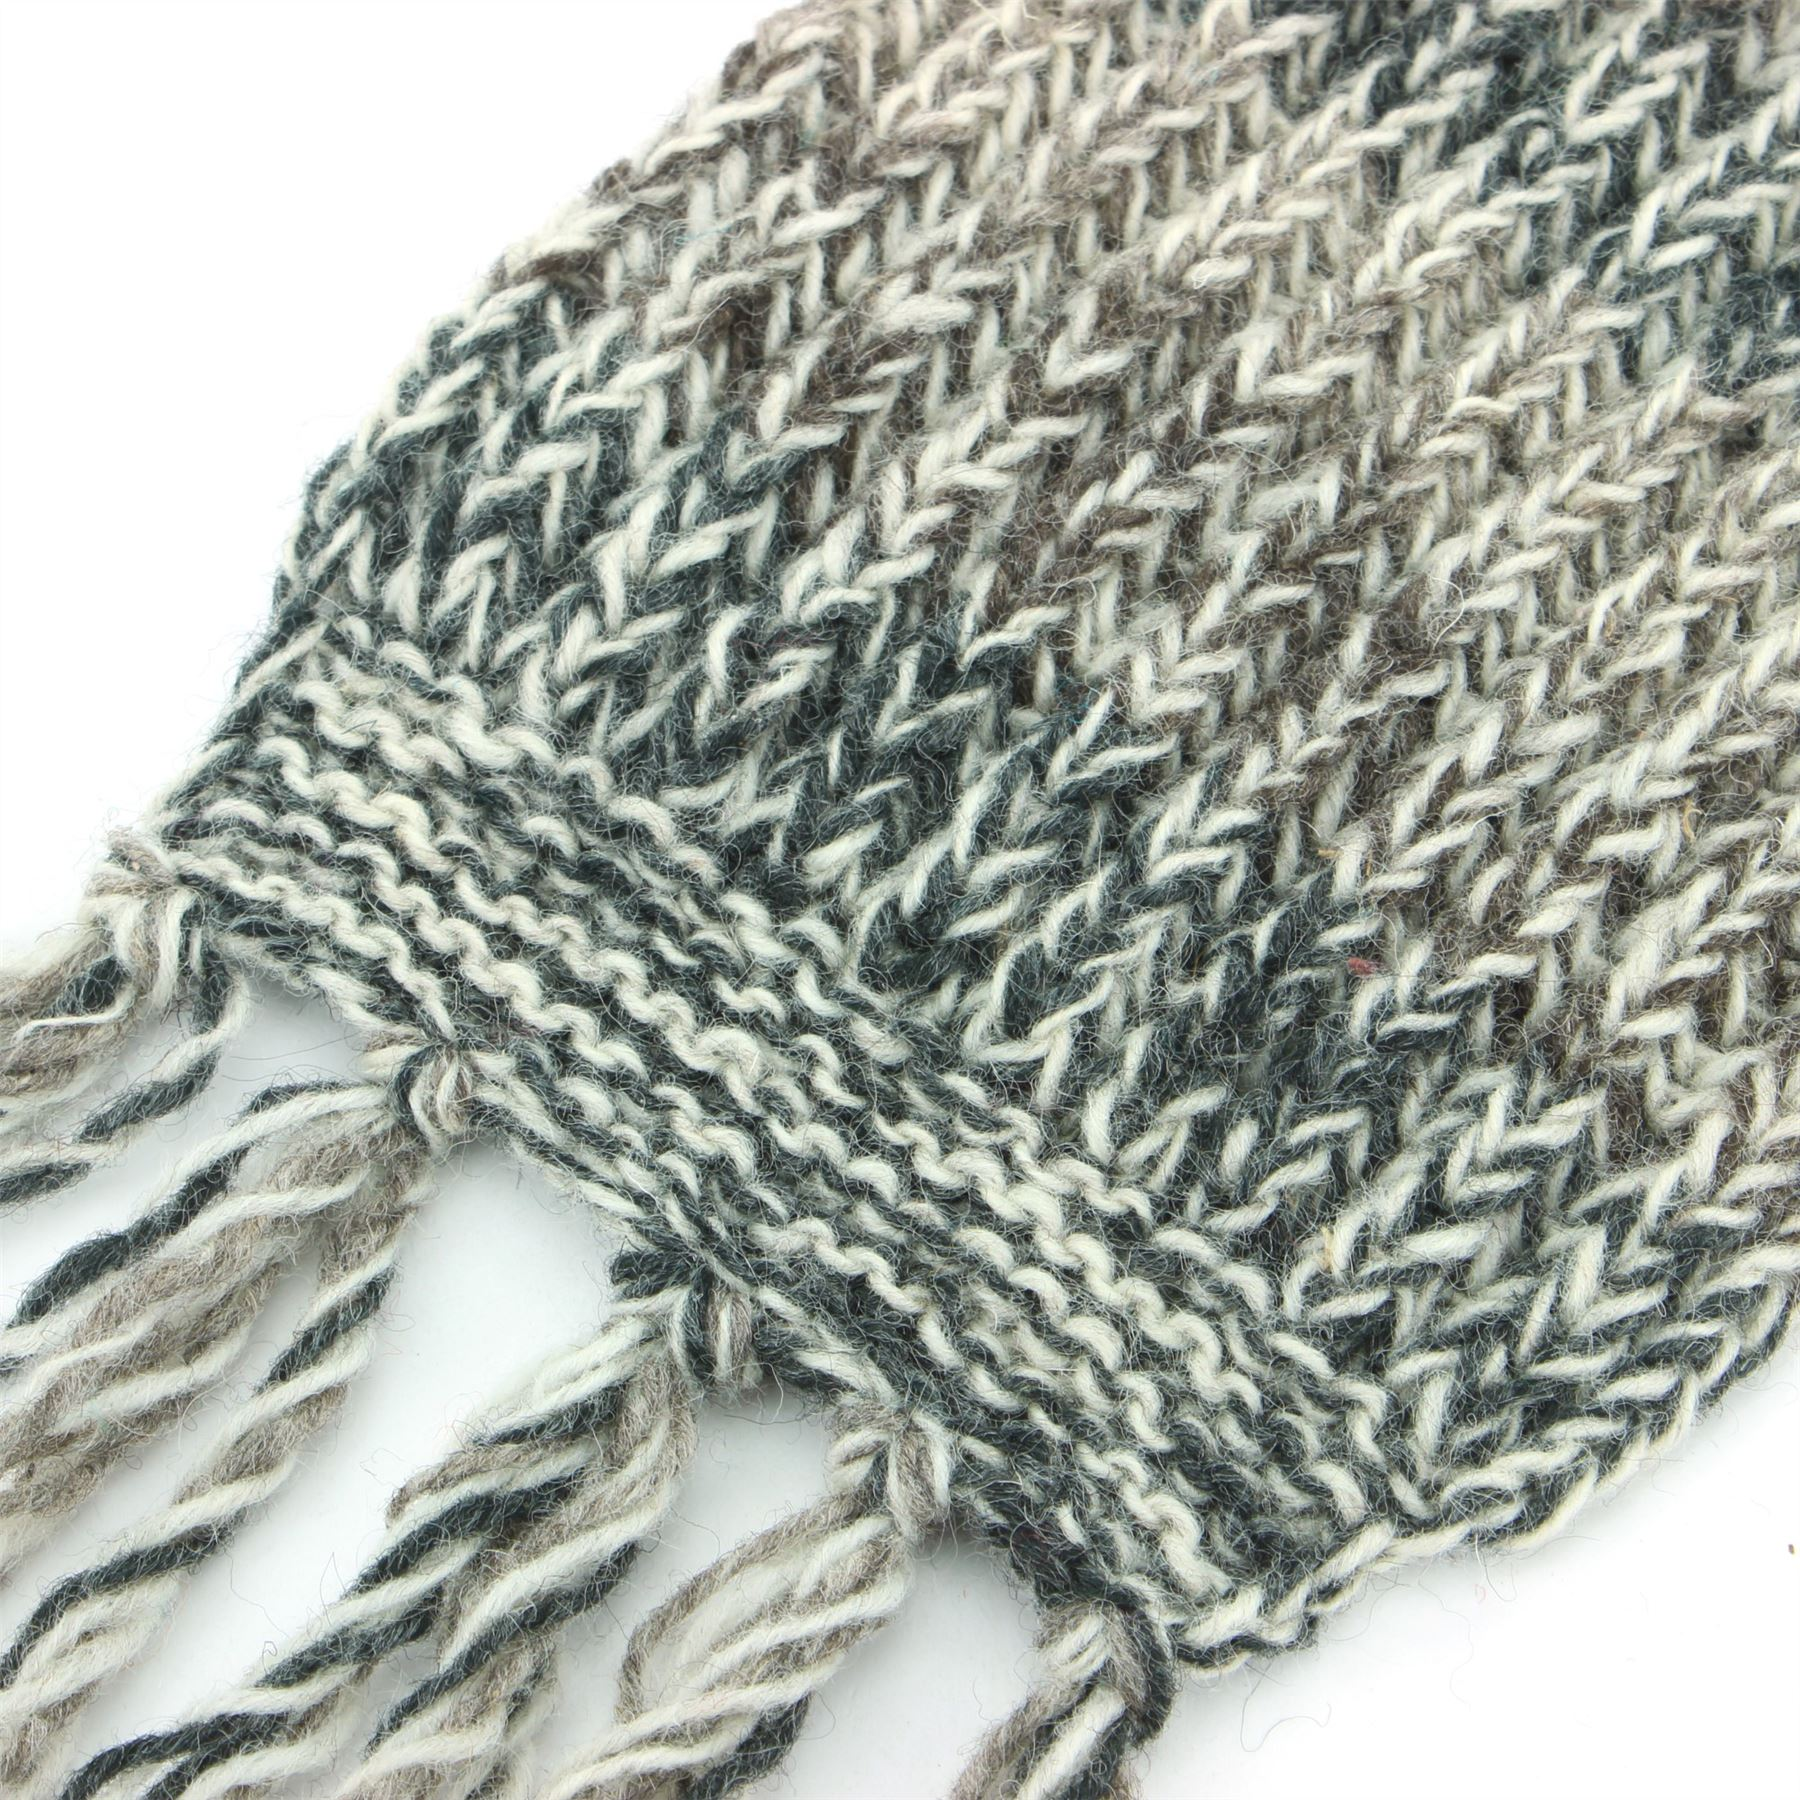 28d3e6f8c3 Dettagli su sciarpa di lana a maglia doppia nappe Lungo Lavorato caldo  ASTRATTO variopinto